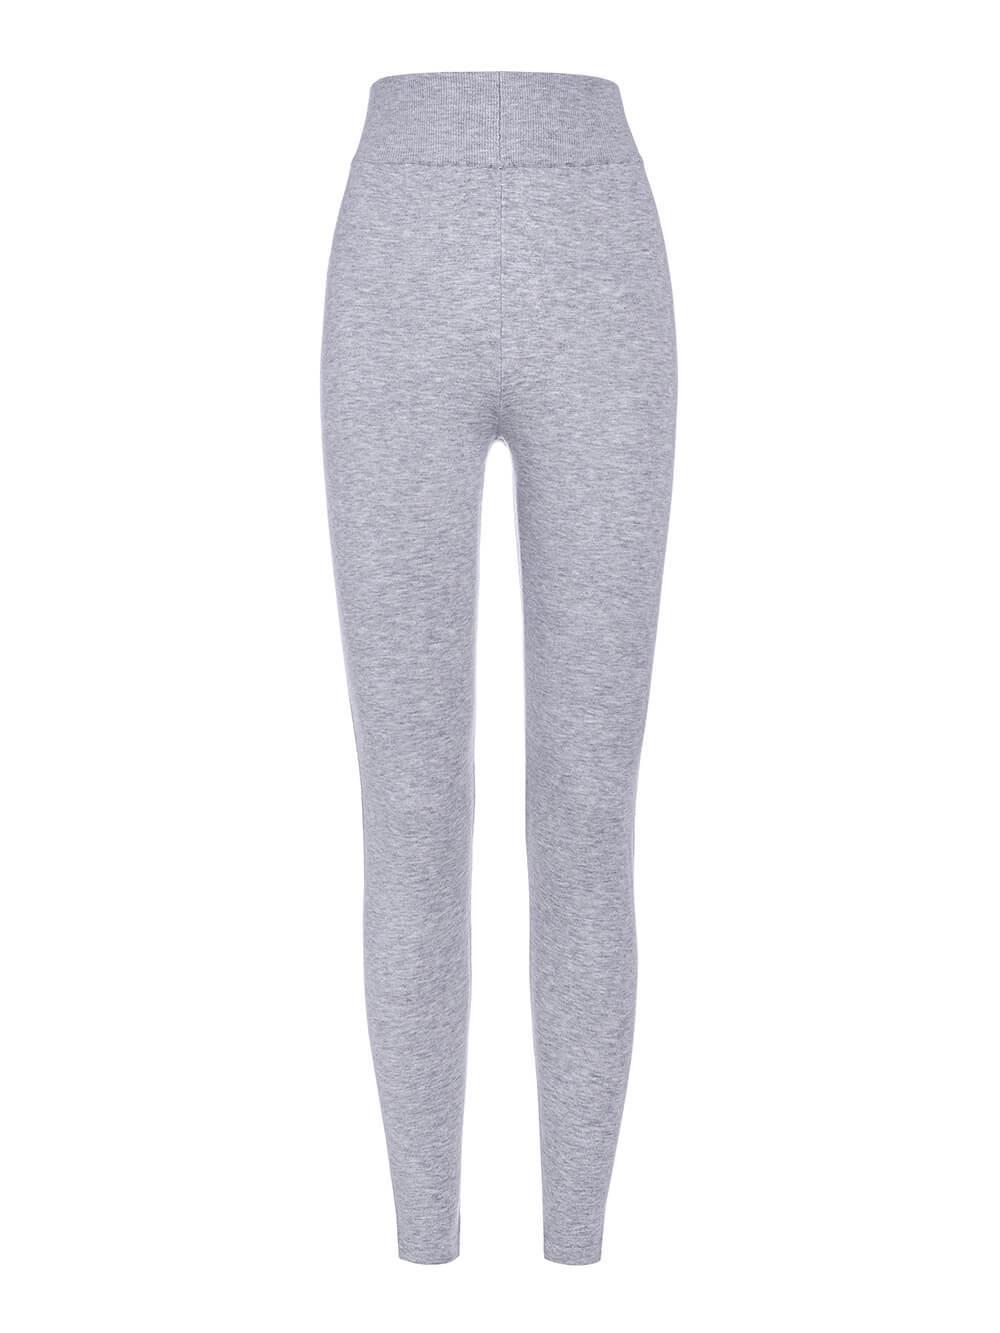 Женские брюки цвета серый меланж из вискозы - фото 1